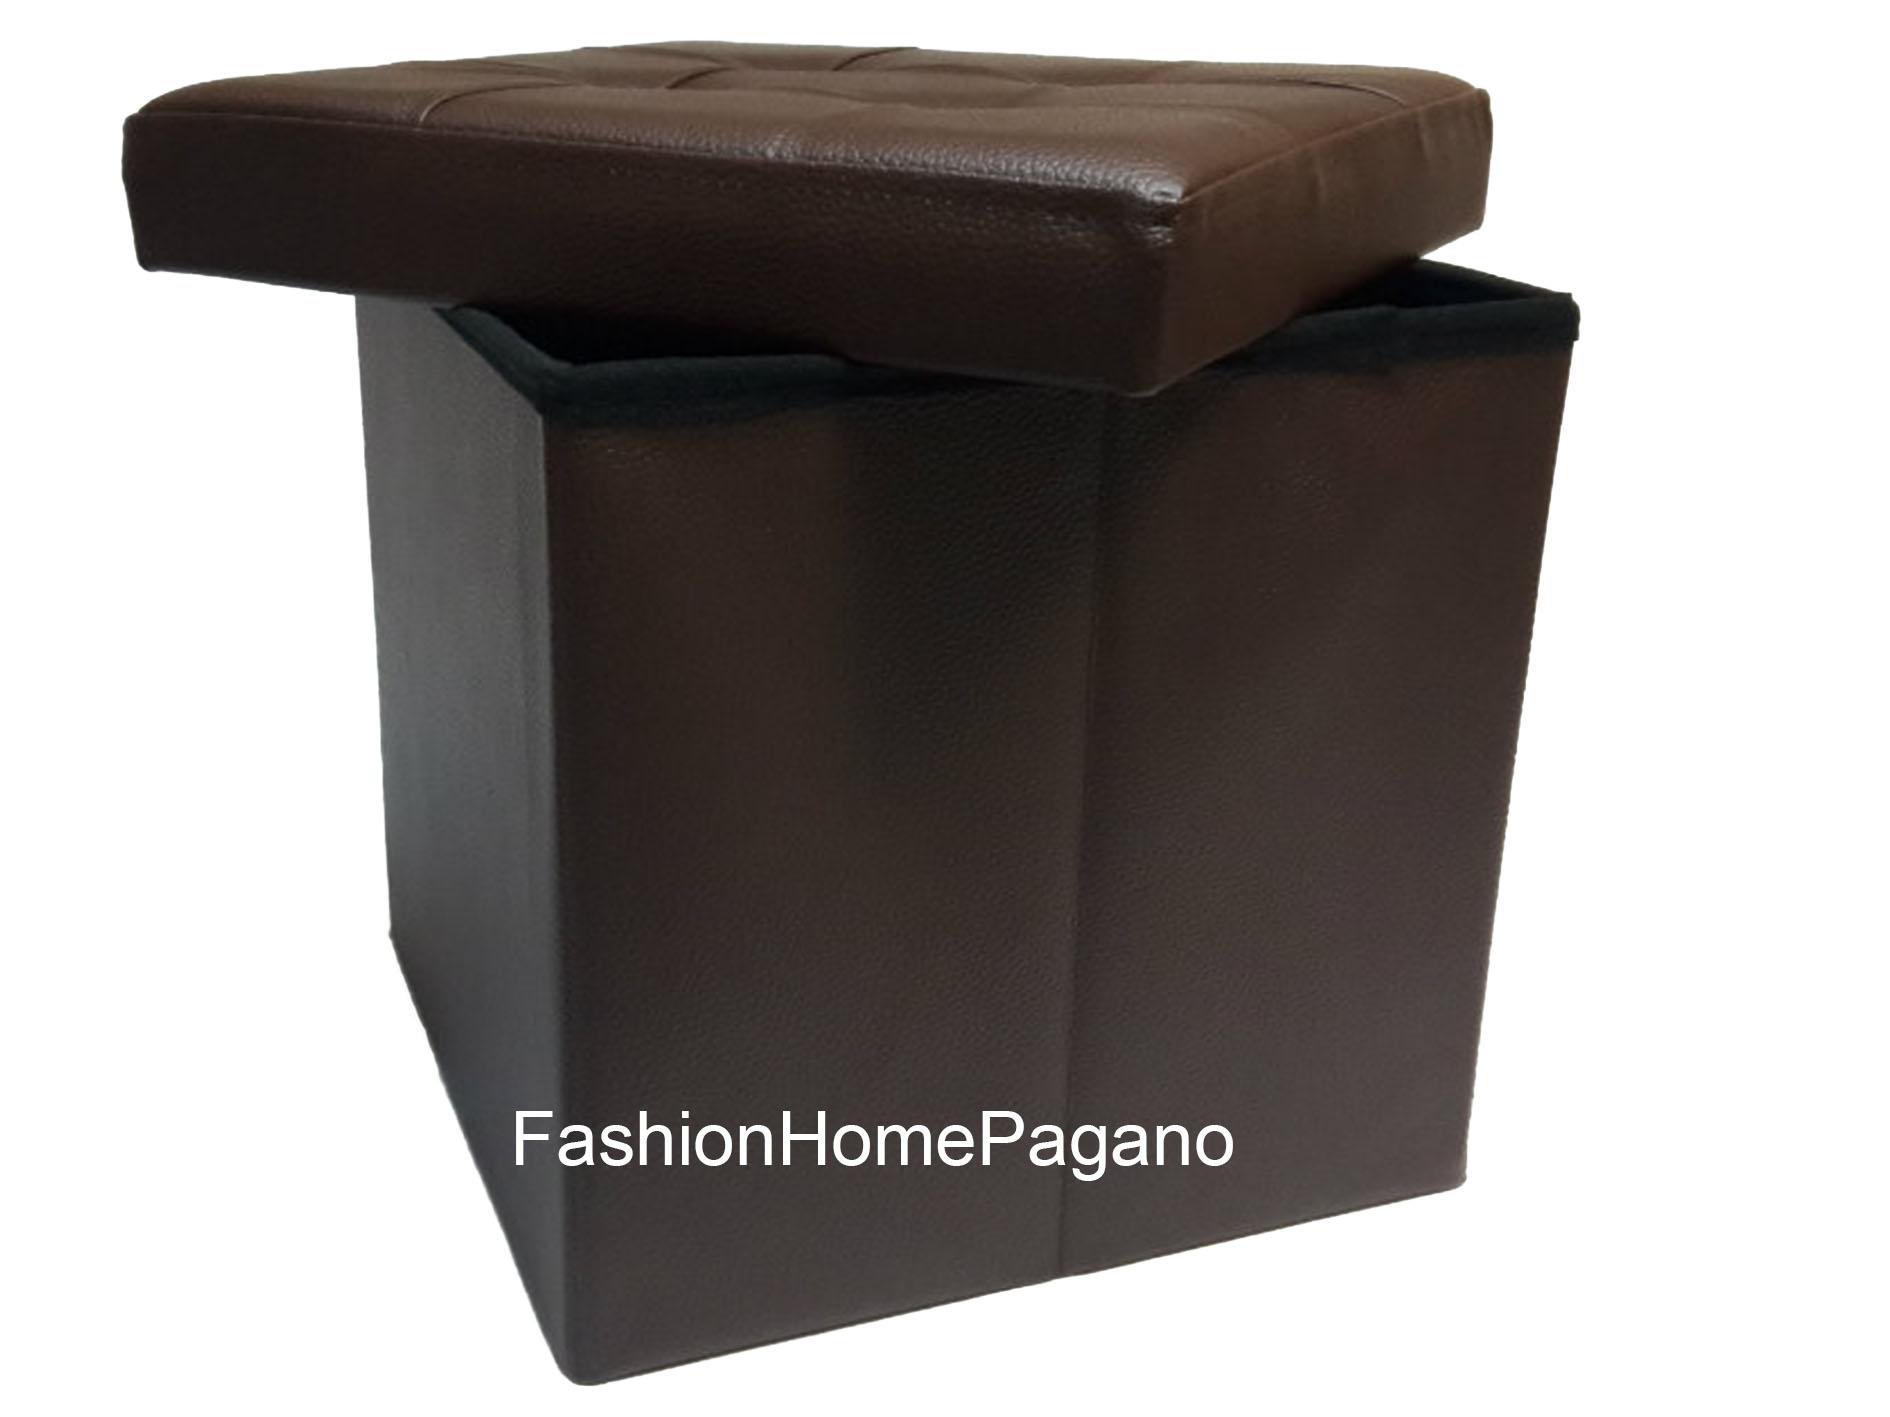 FHP-01449 - Puff Box - fashion home pagano - Puff box simil pelle ...